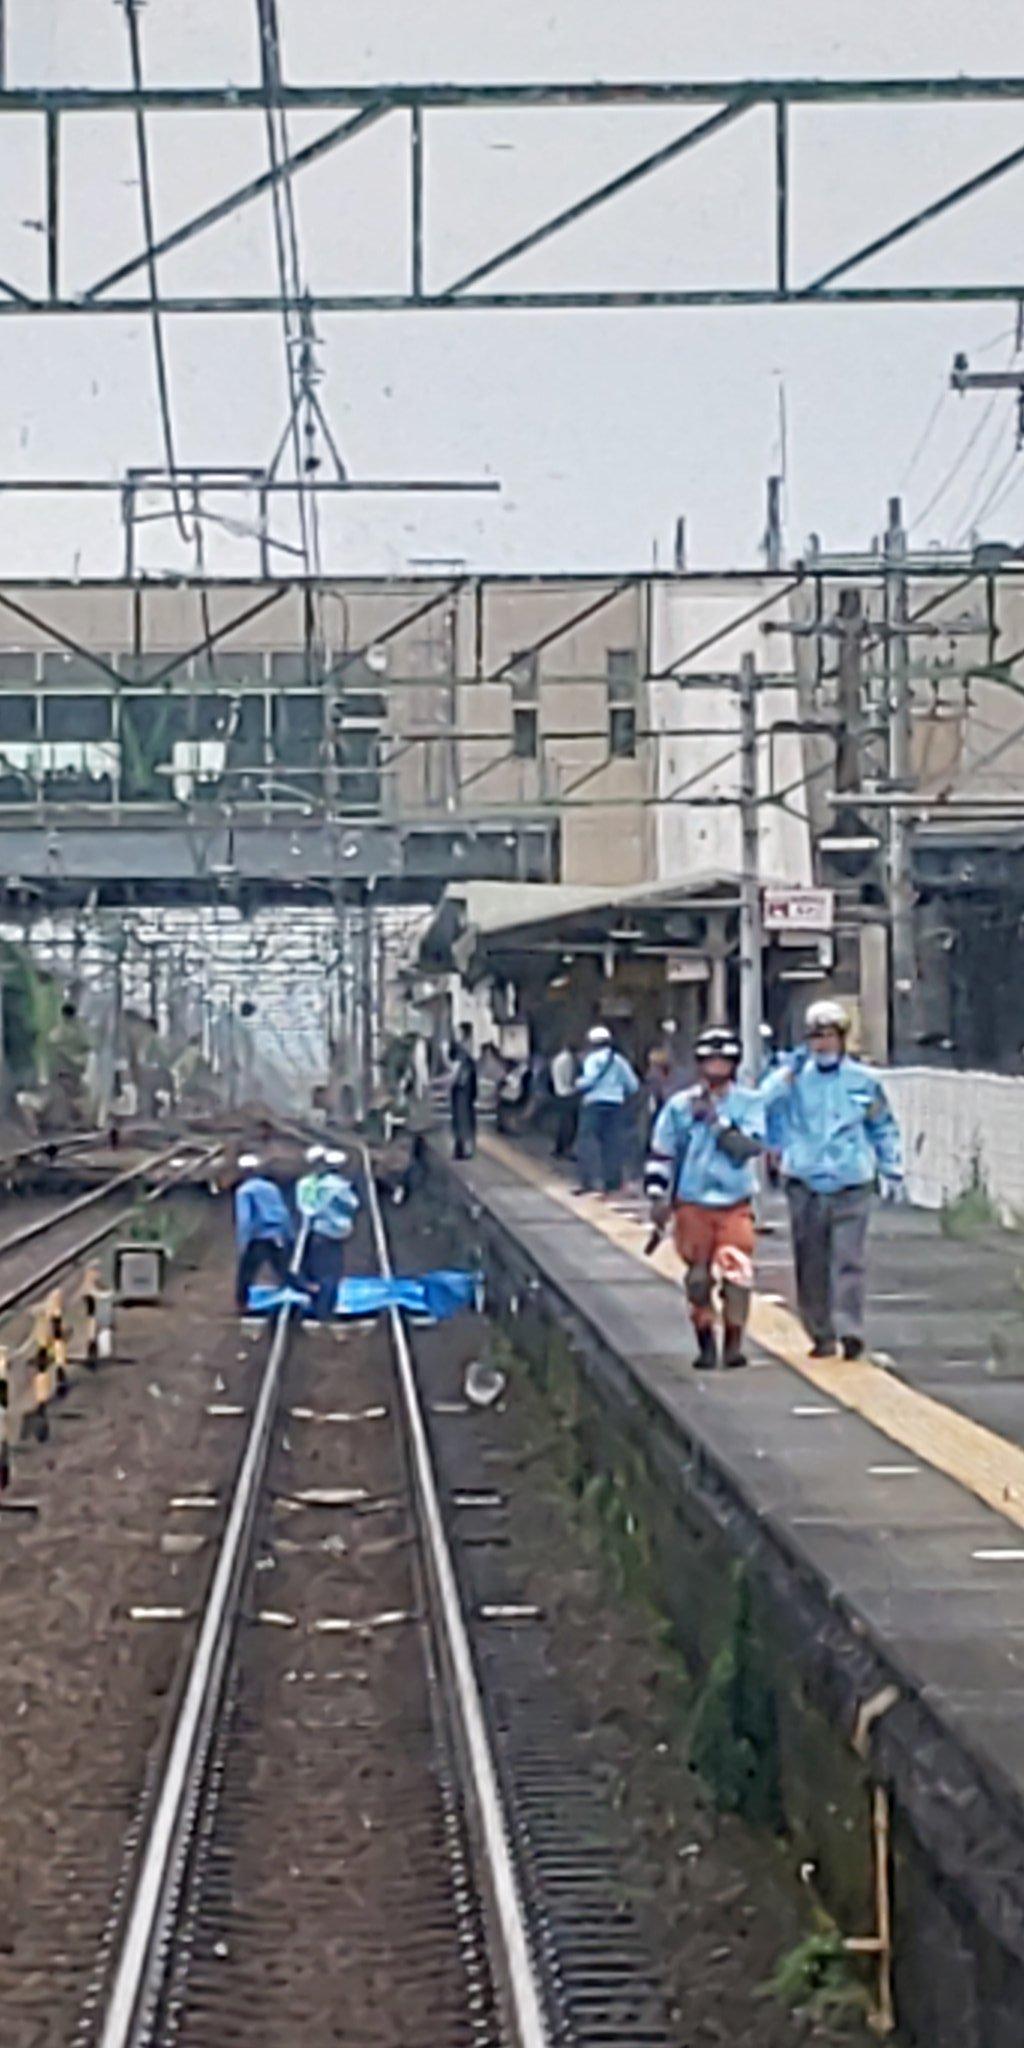 草薙駅の人身事故でブルーシートで遺体を隠している現場画像